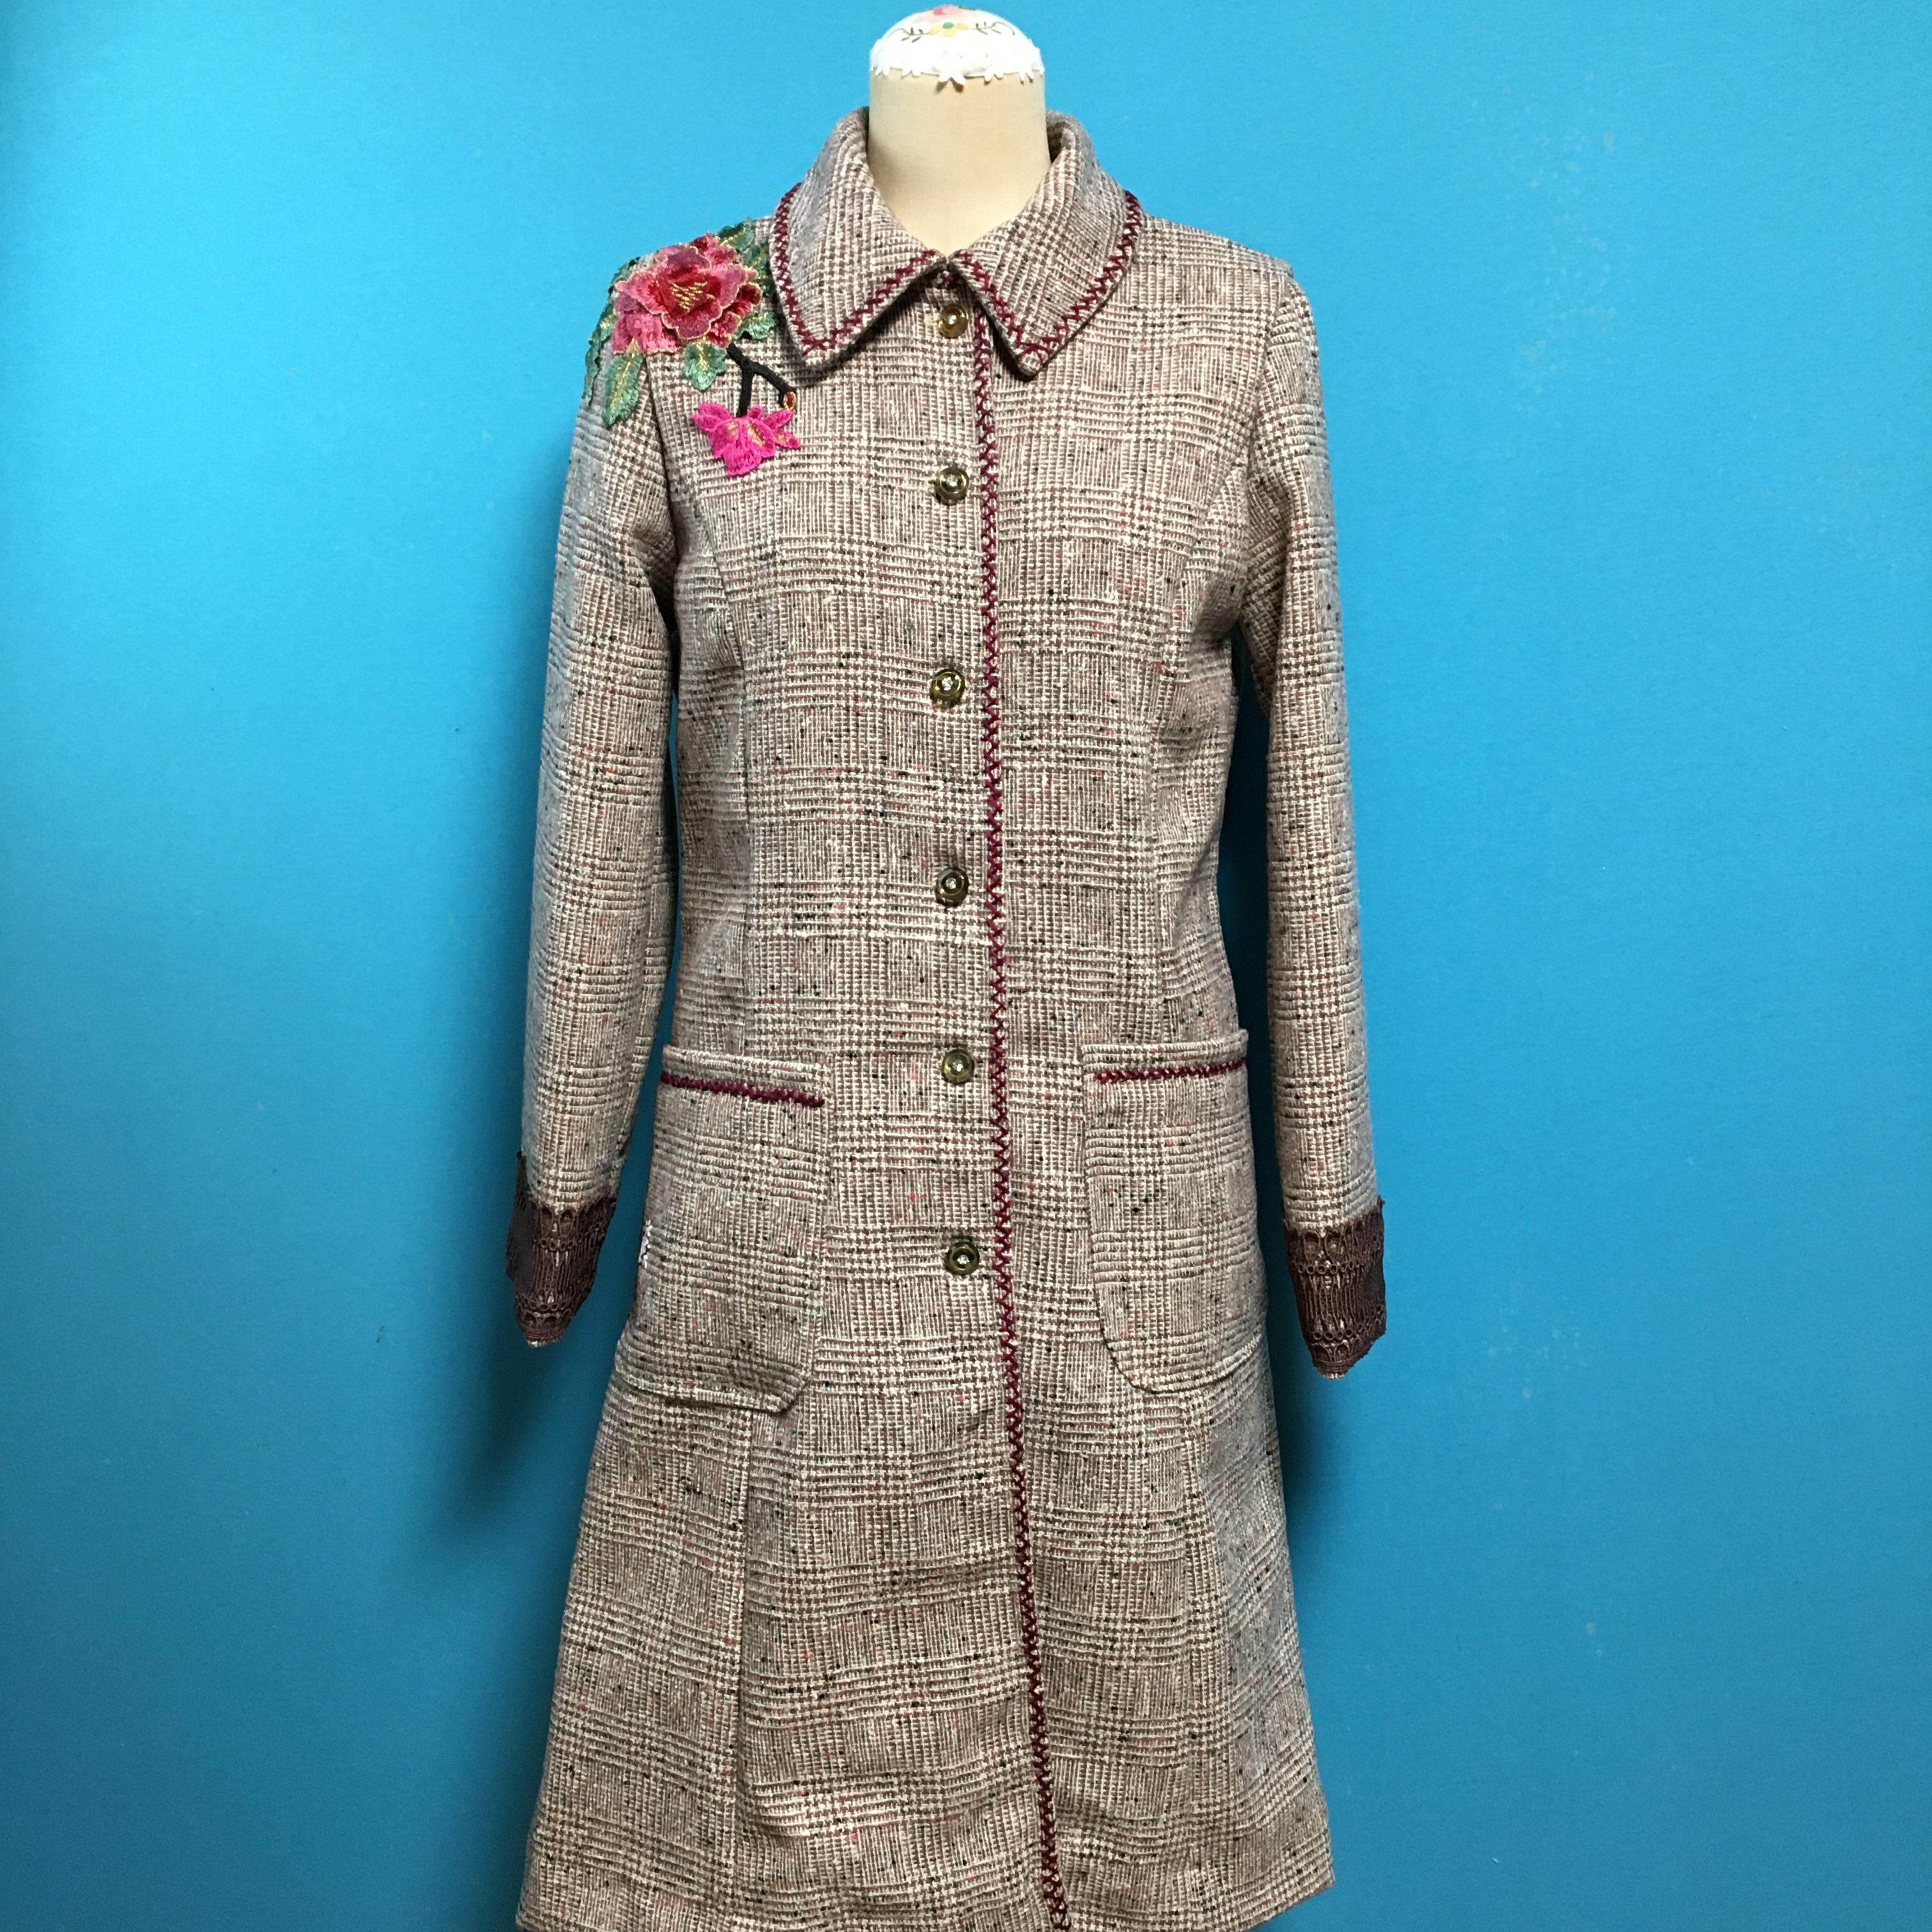 Vintage tweedのフラワーコート